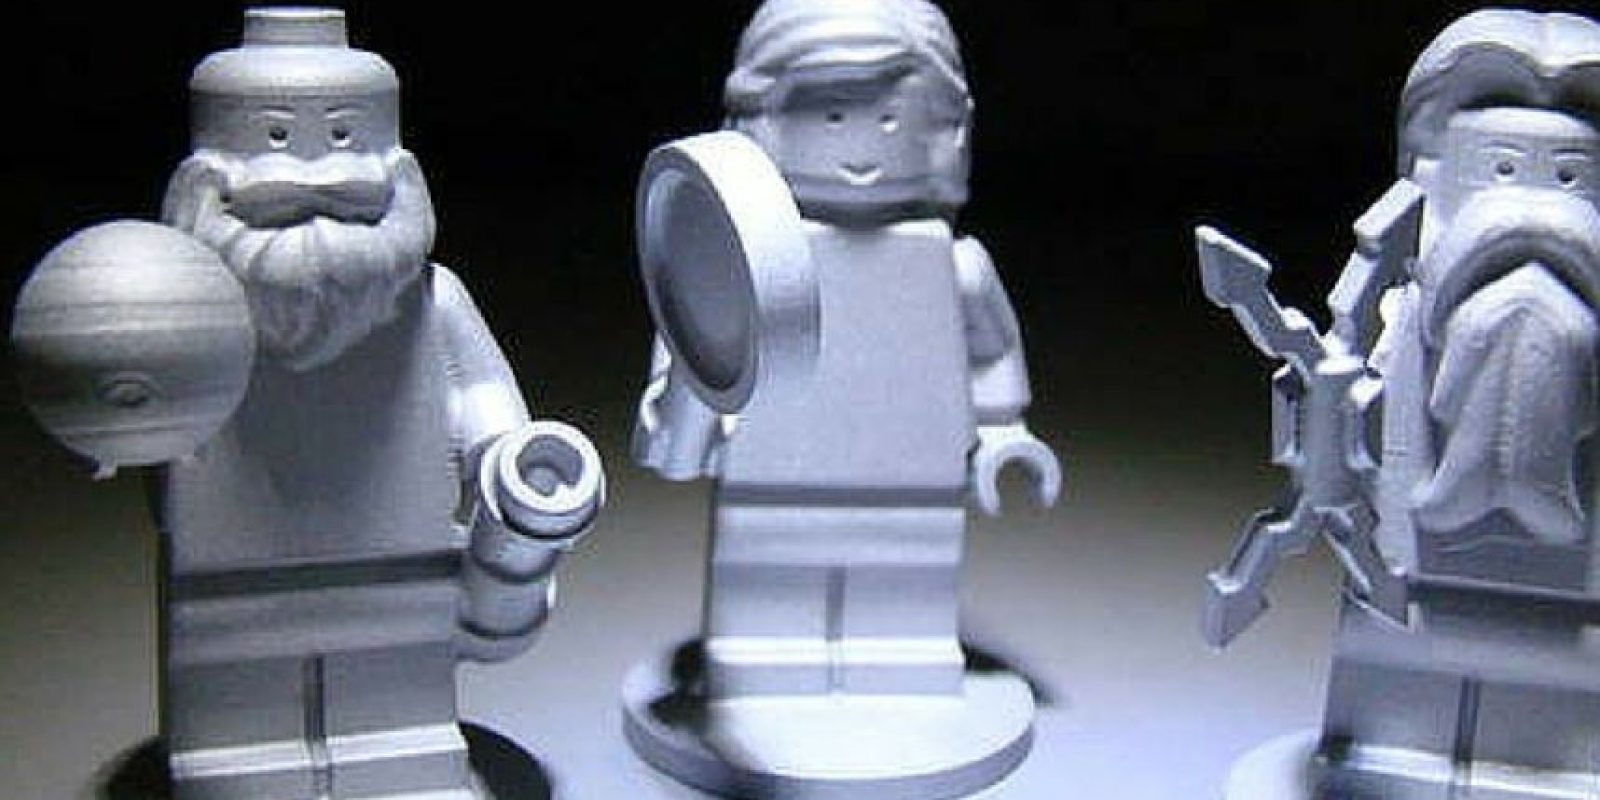 Las figuras que miden aproximadamente 3.81 centímetros de alto (1.5 pulgadas) son parte de un programa educativo desarrollado entre la NASA y el Grupo LEGO Foto:NASA